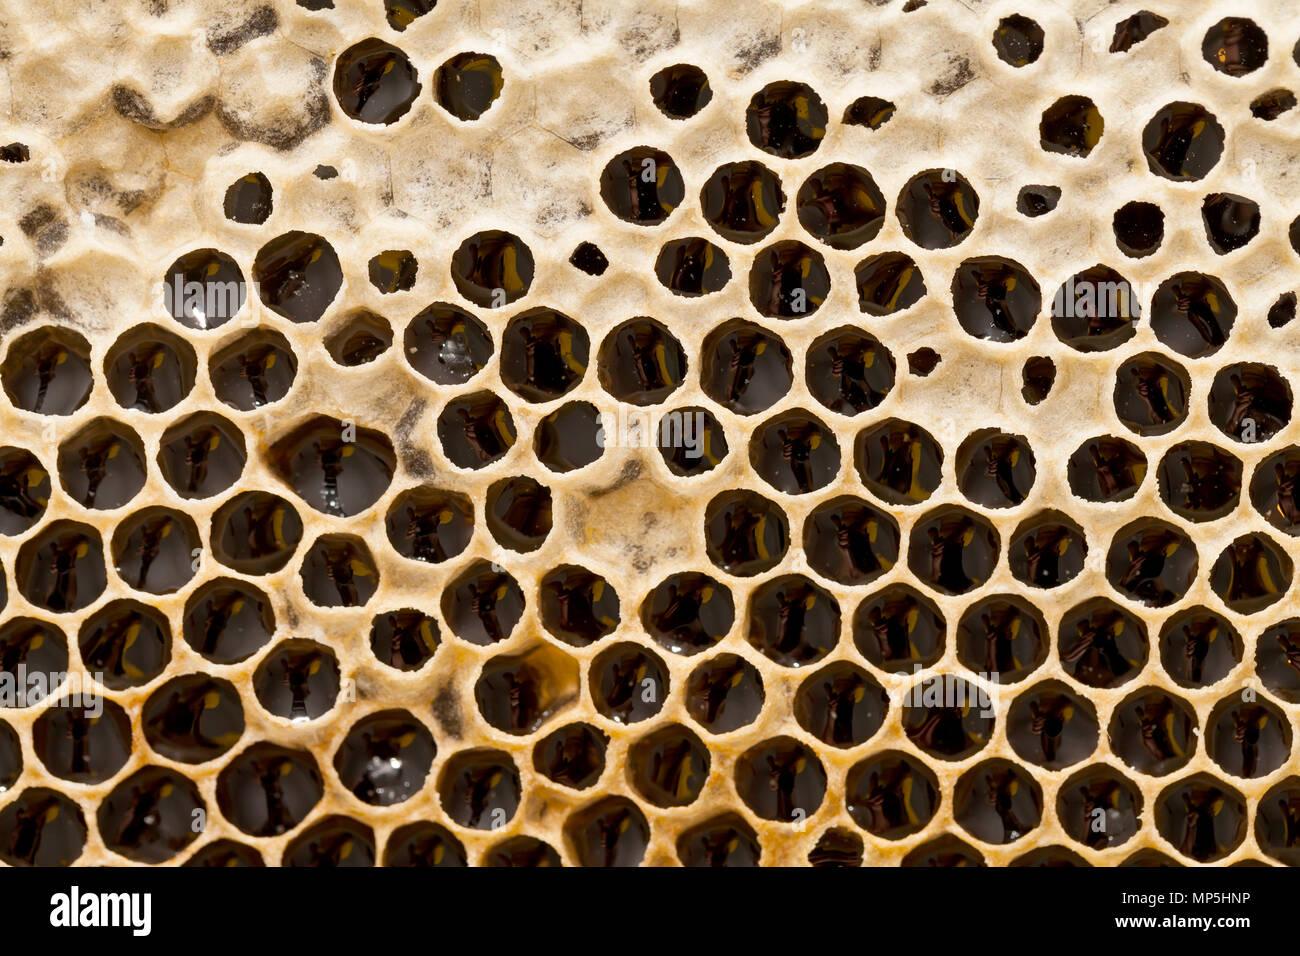 Panal de colmena llena de miel. Cera de abejas orgánica. Textura hexagonal. Macro Foto de stock